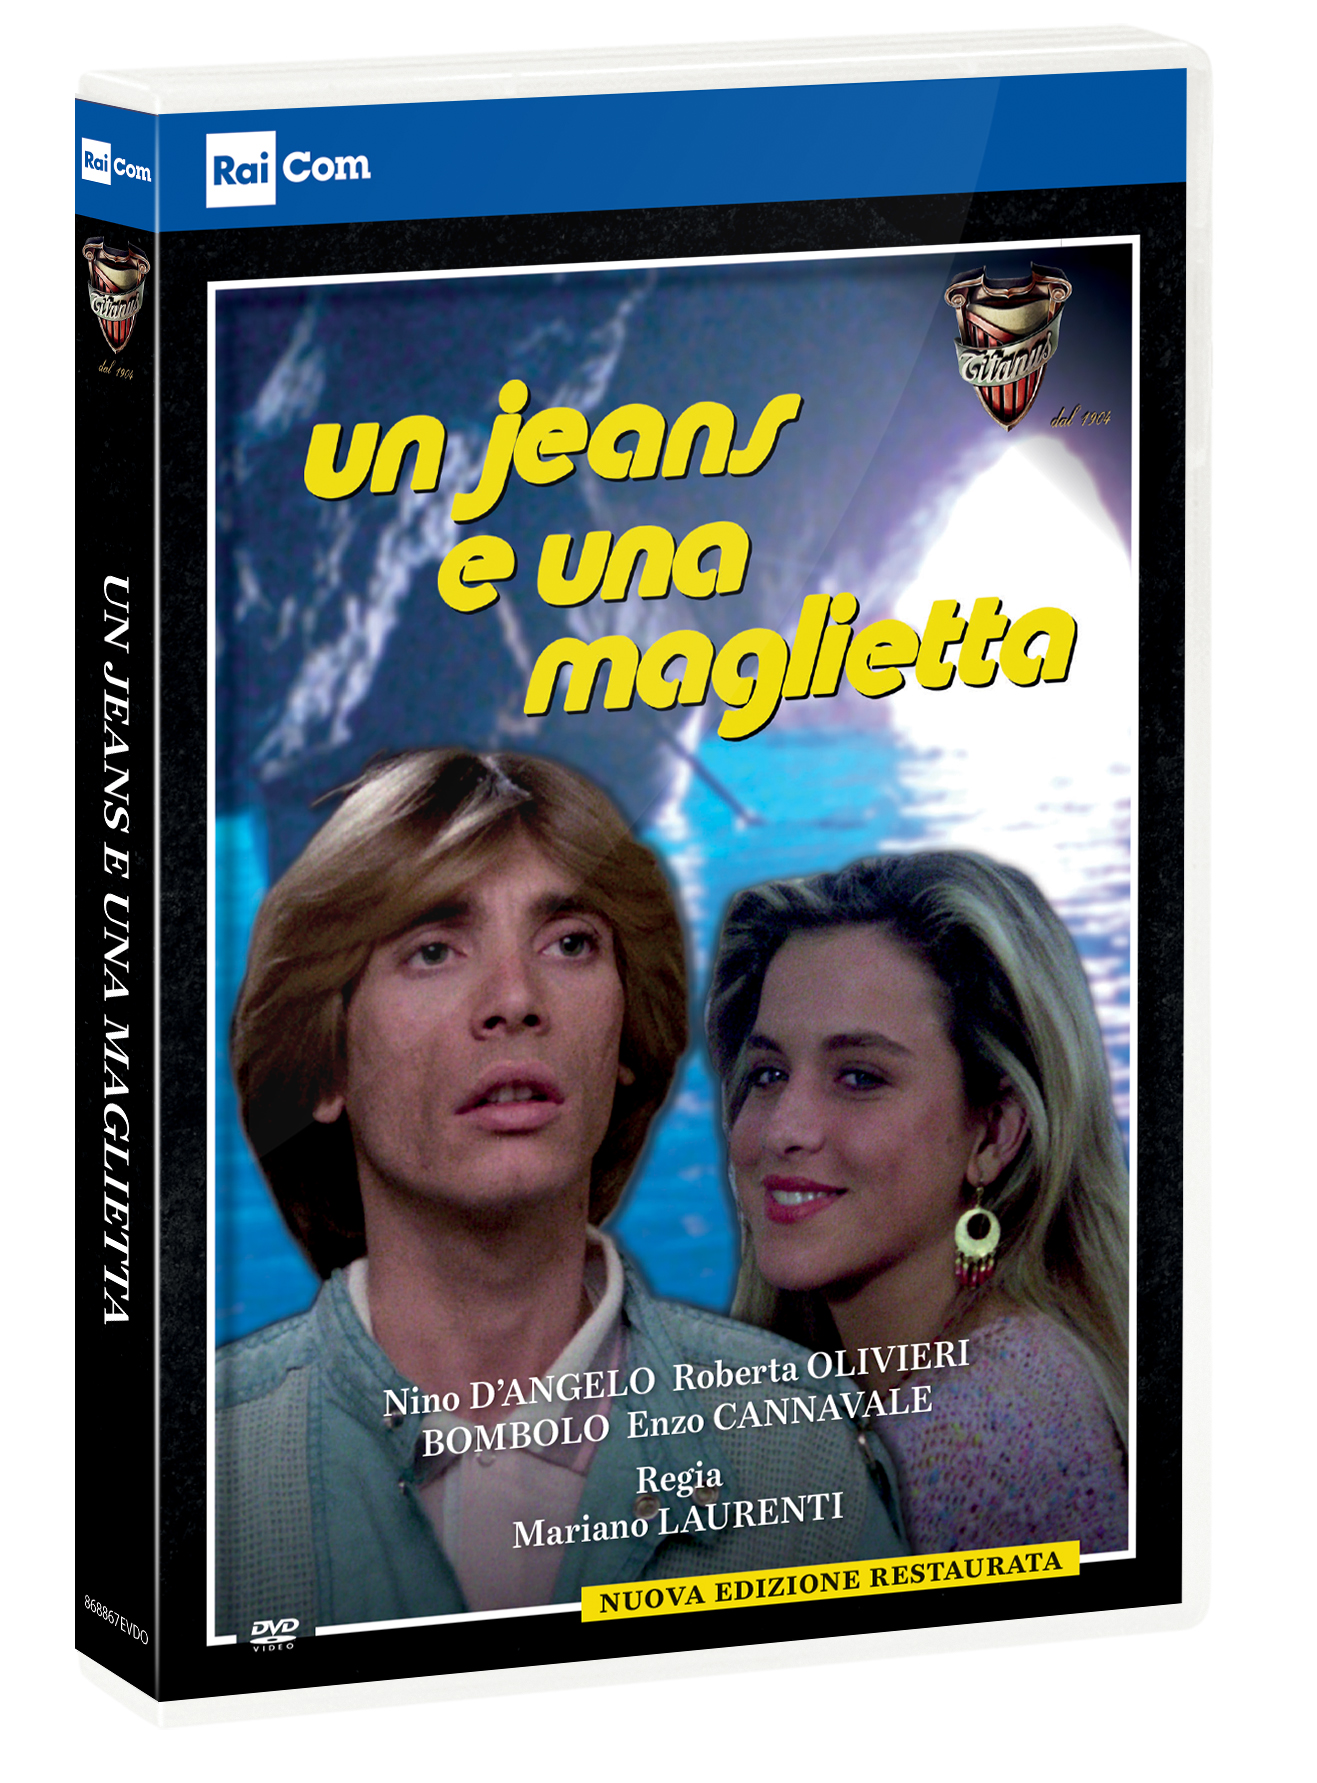 UN JEANS E UNA MAGLIETTA (DVD)